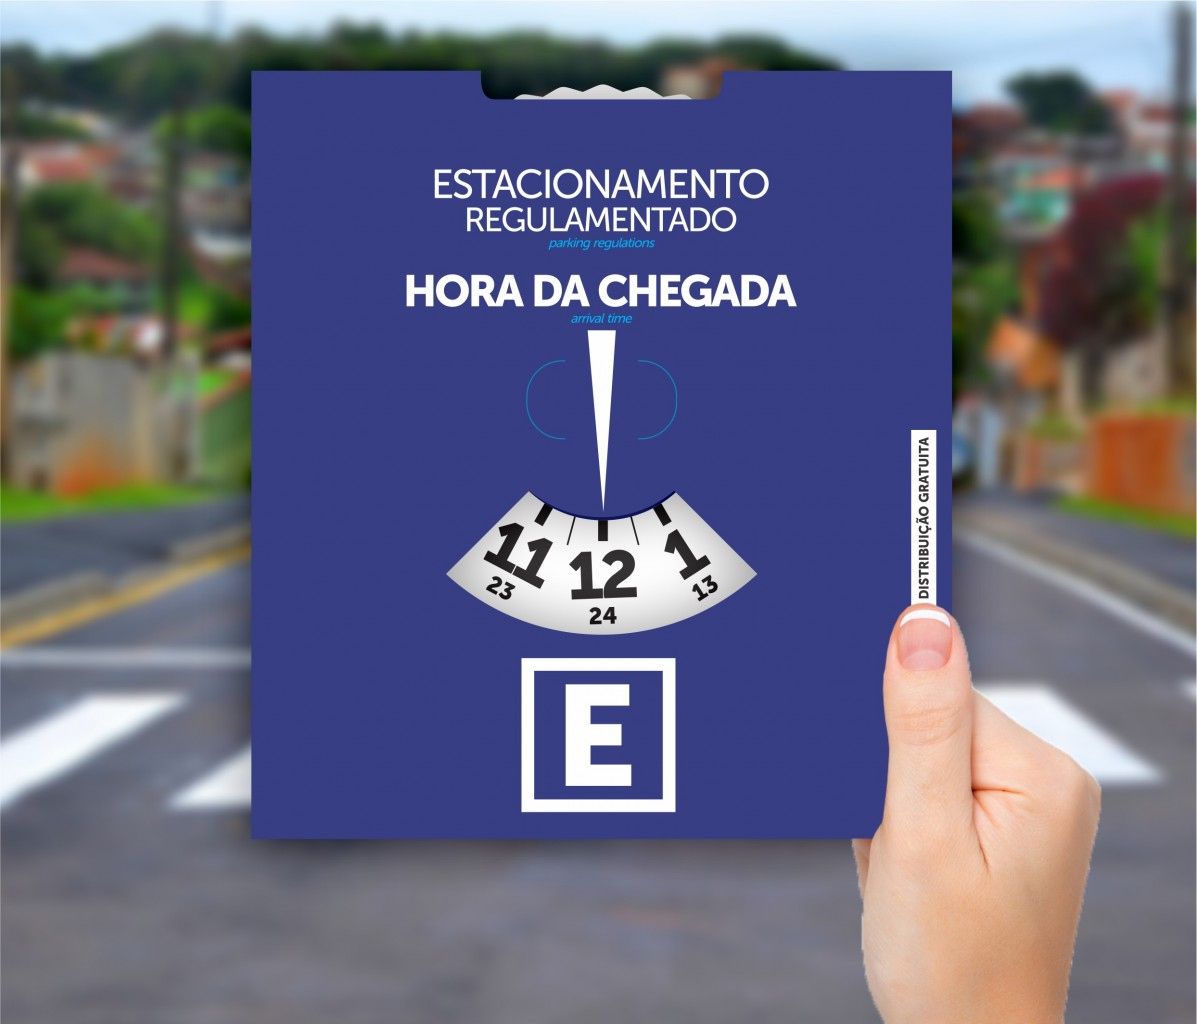 05807ca54f6 Até o dia 31 de dezembro estará em vigor a fase de orientação e explicação  de como usar o cartão relógio.